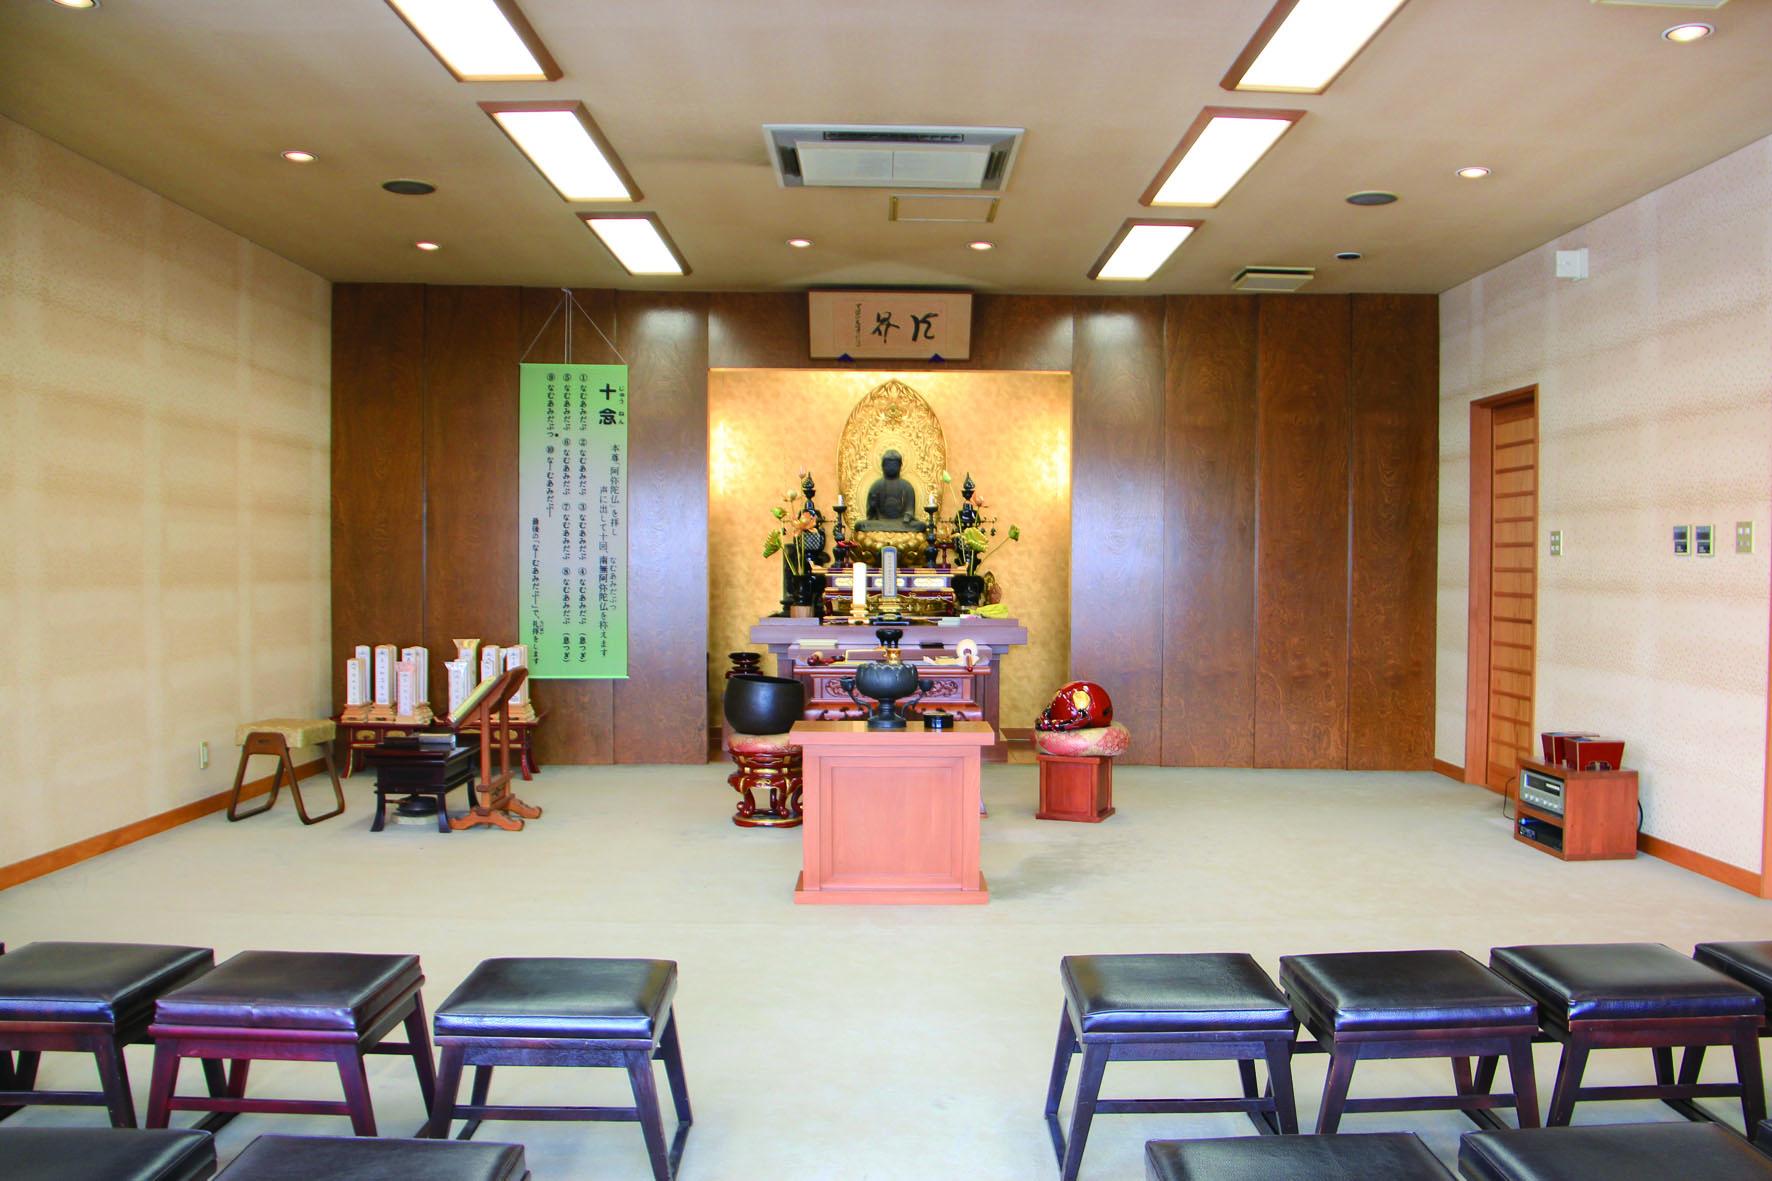 浄円寺 手入れが行き届いた法要施設